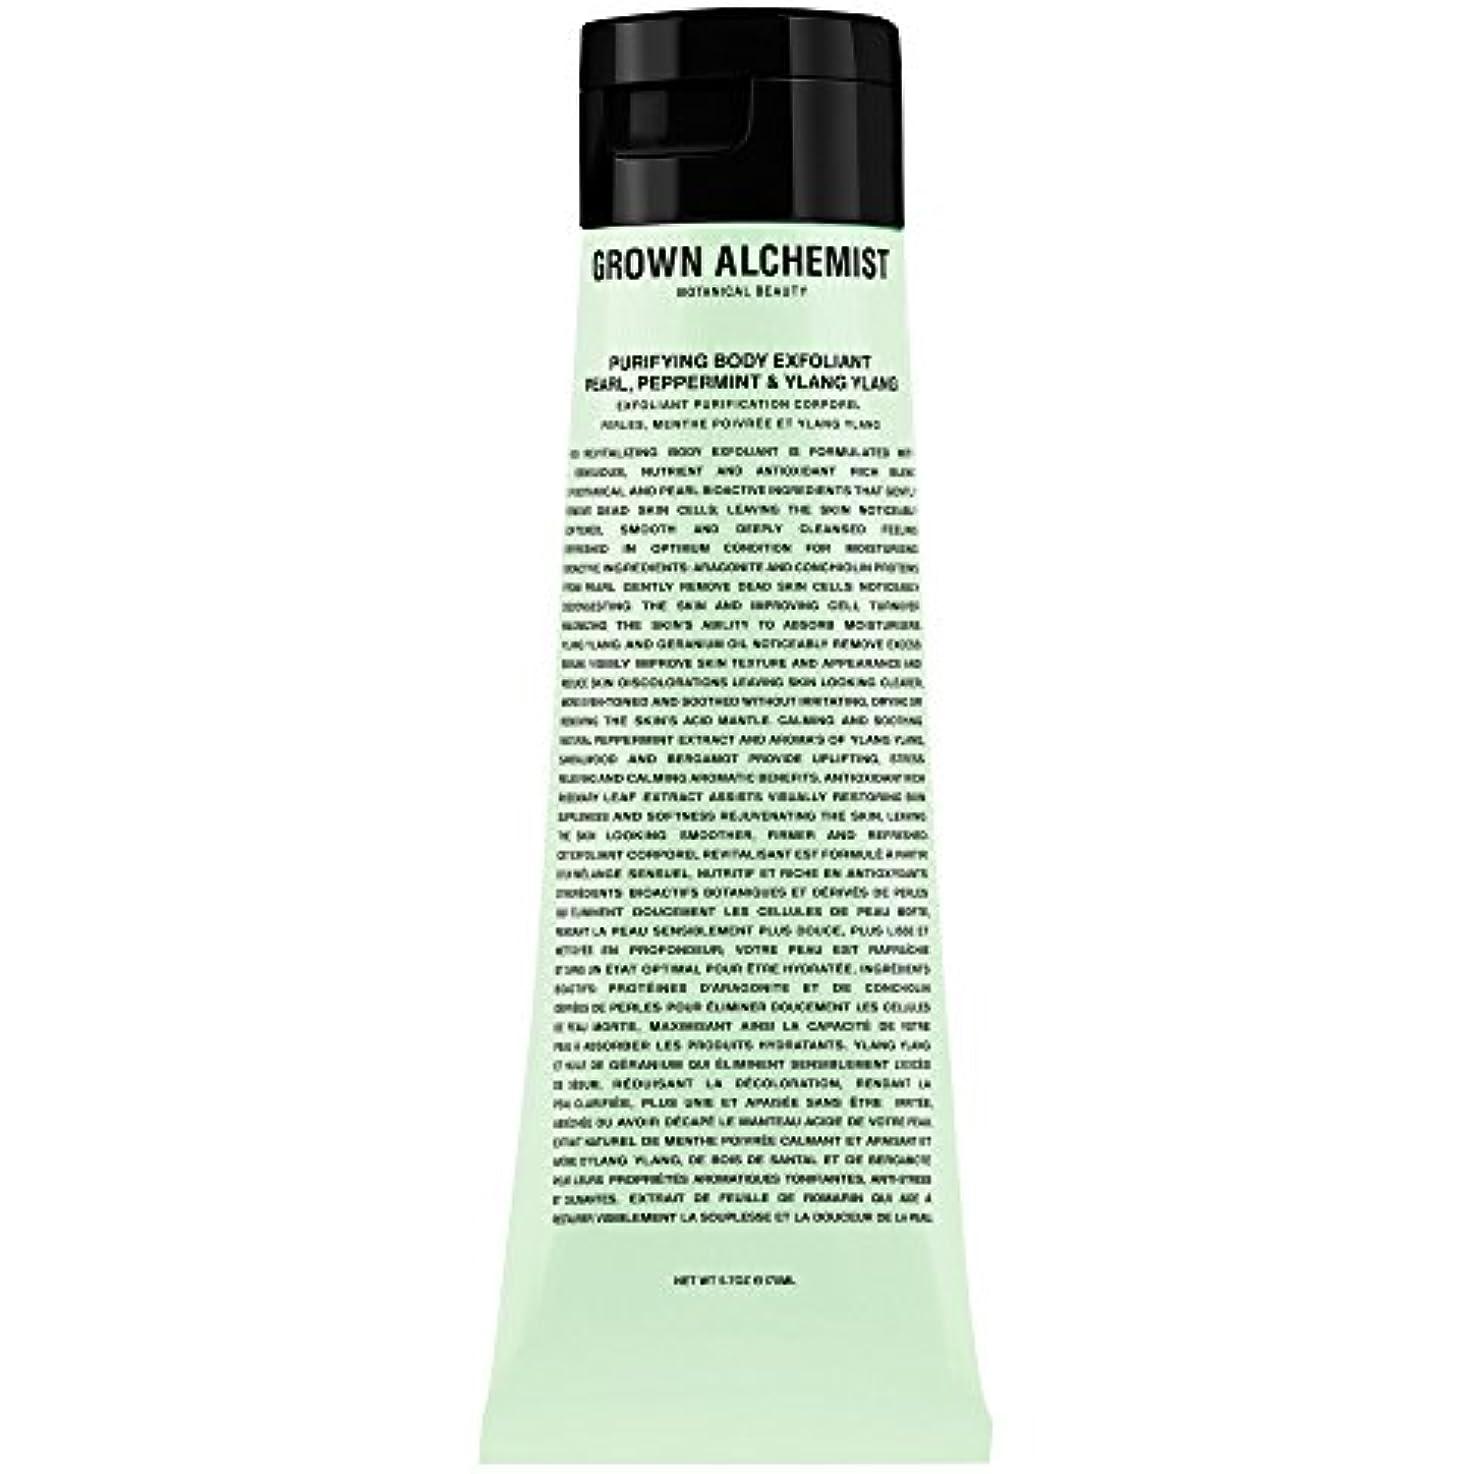 反逆なぞらえる半導体成長した錬金術師浄化体剥脱真珠ペパーミント&イランイラン170ミリリットル (Grown Alchemist) (x6) - Grown Alchemist Purifying Body Exfoliant Pearl Peppermint & Ylang Ylang 170ml (Pack of 6) [並行輸入品]